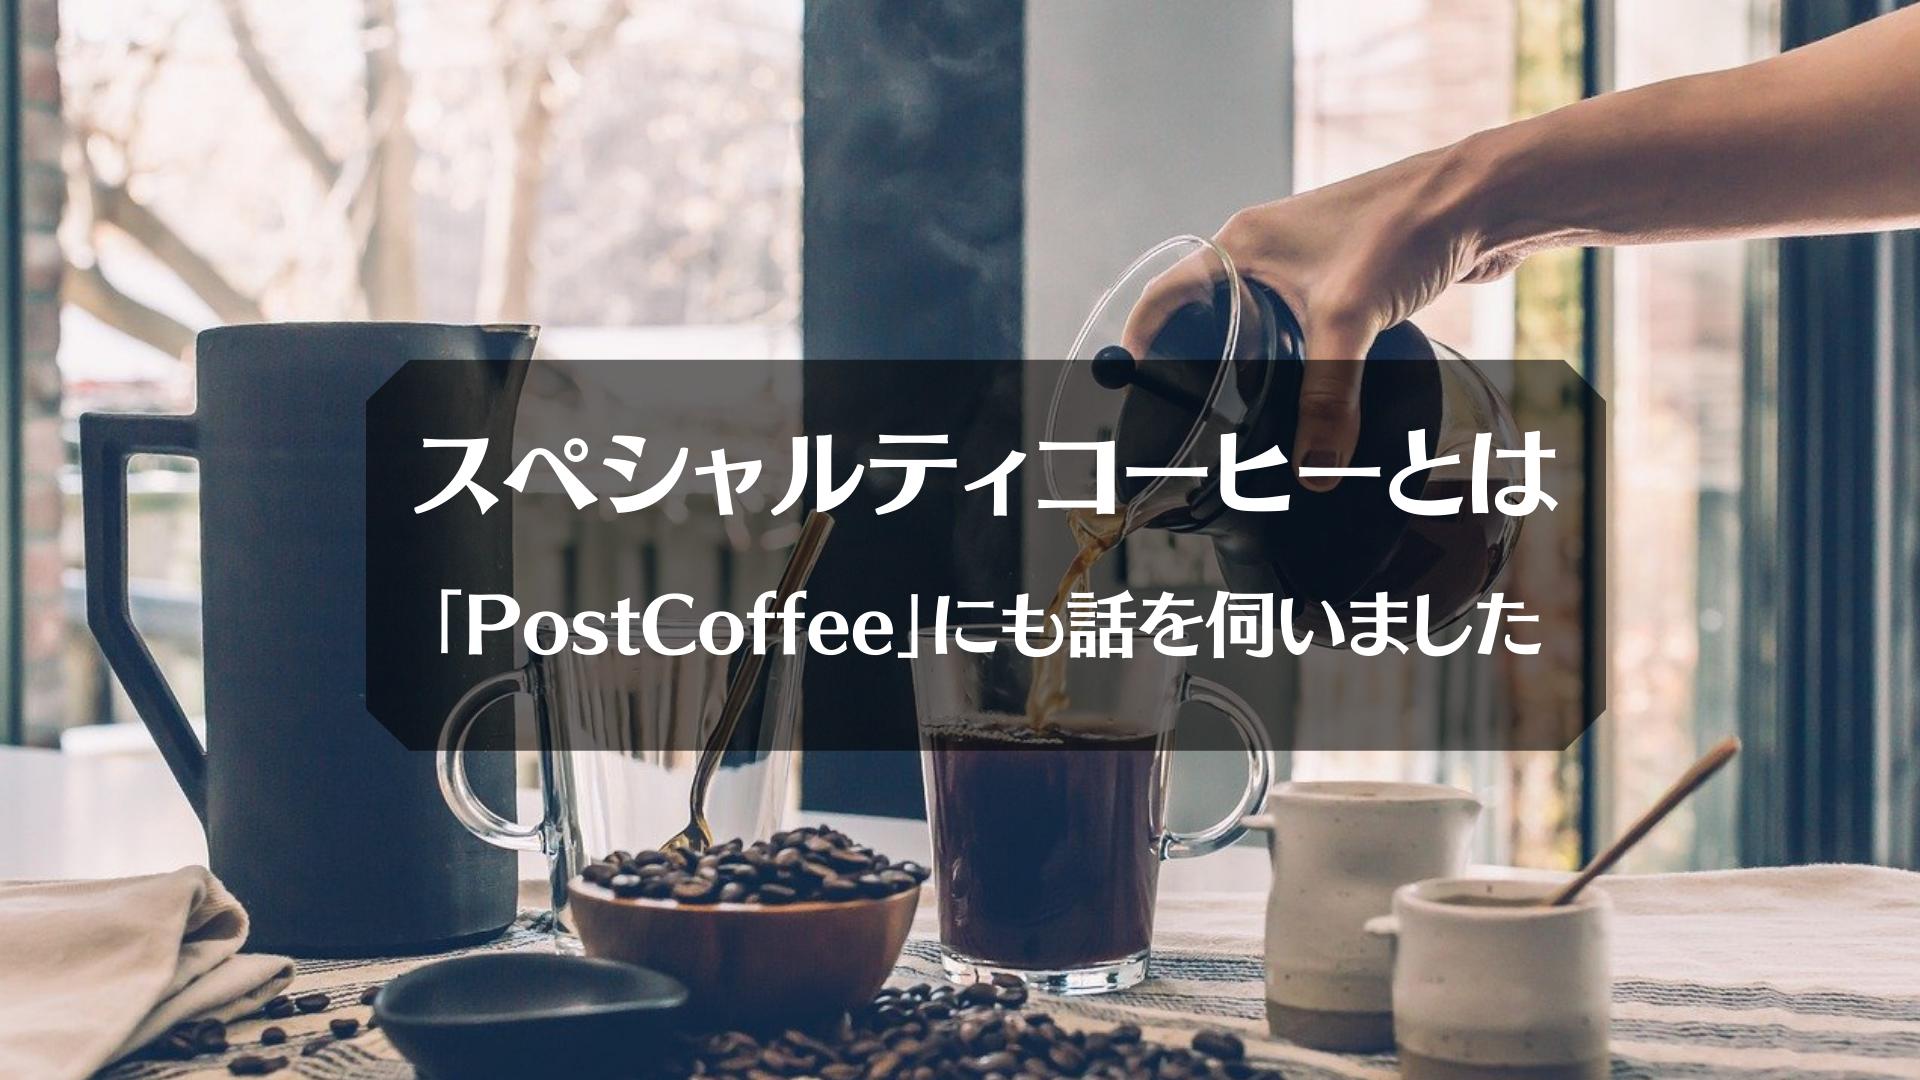 スペシャルティコーヒーとは?特徴や楽しむための方法も紹介